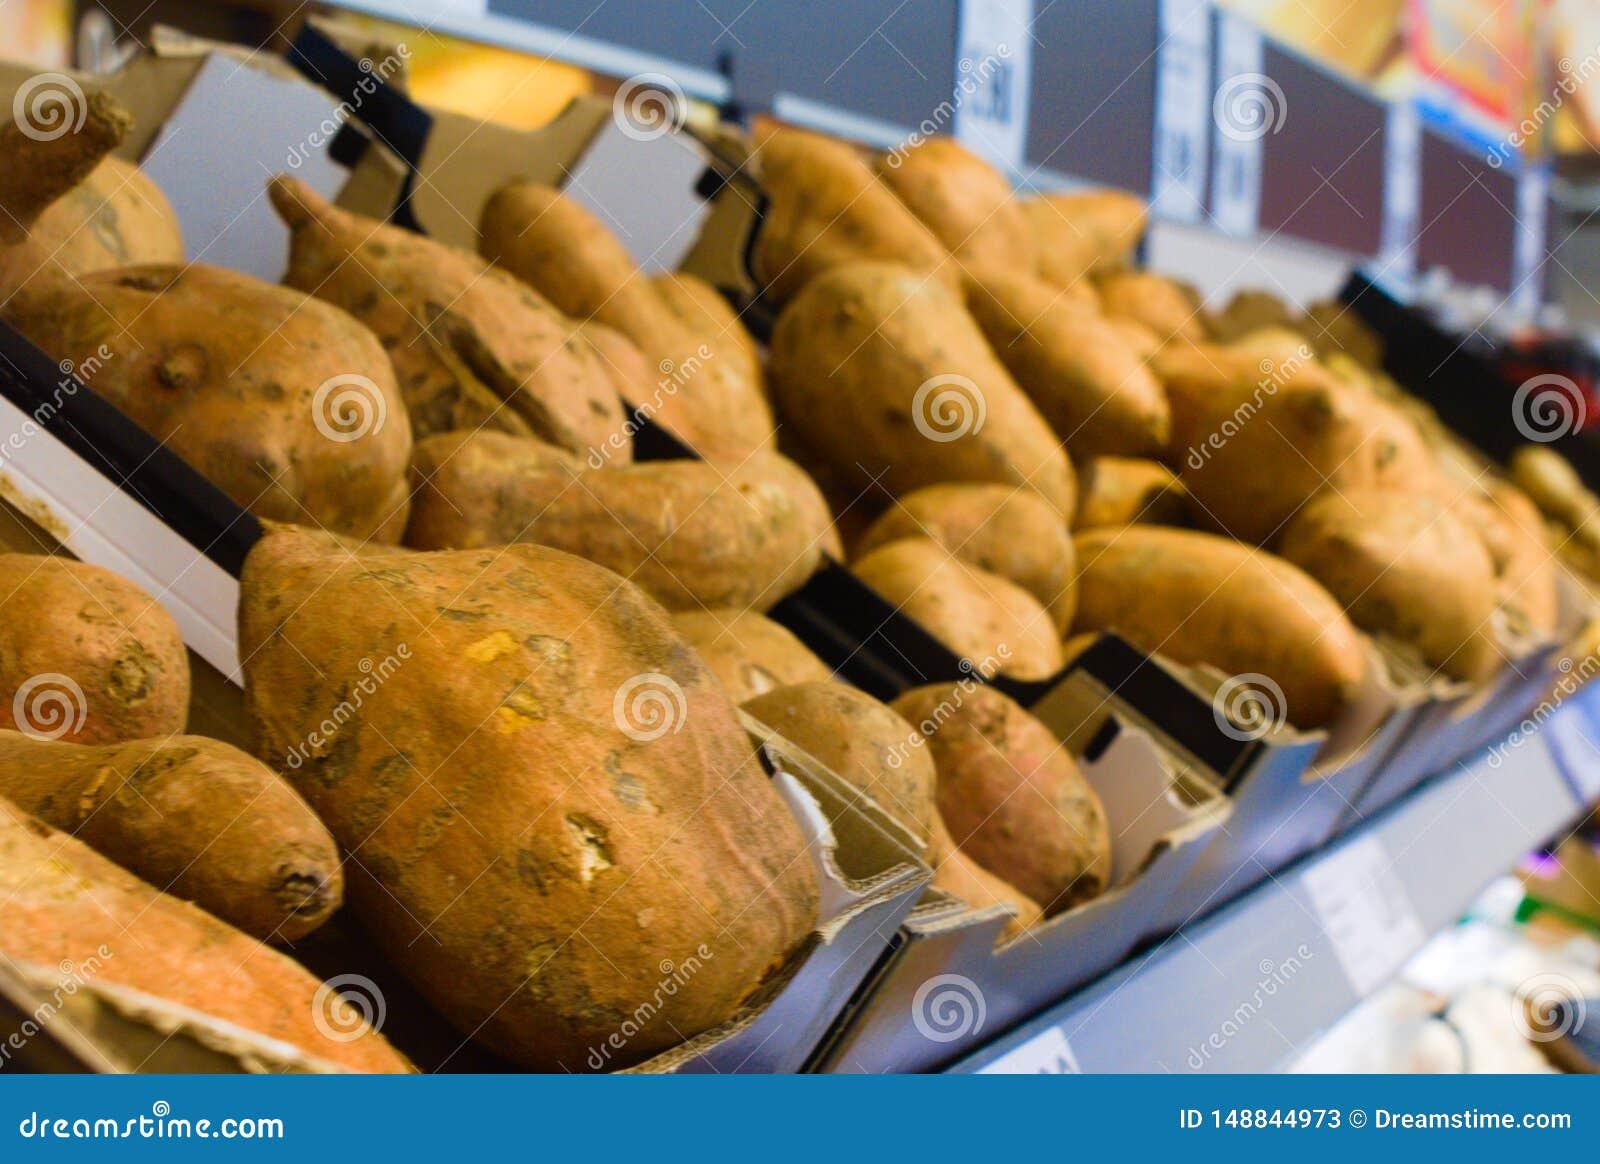 Patate douce remplie fraîche dans le supermarché